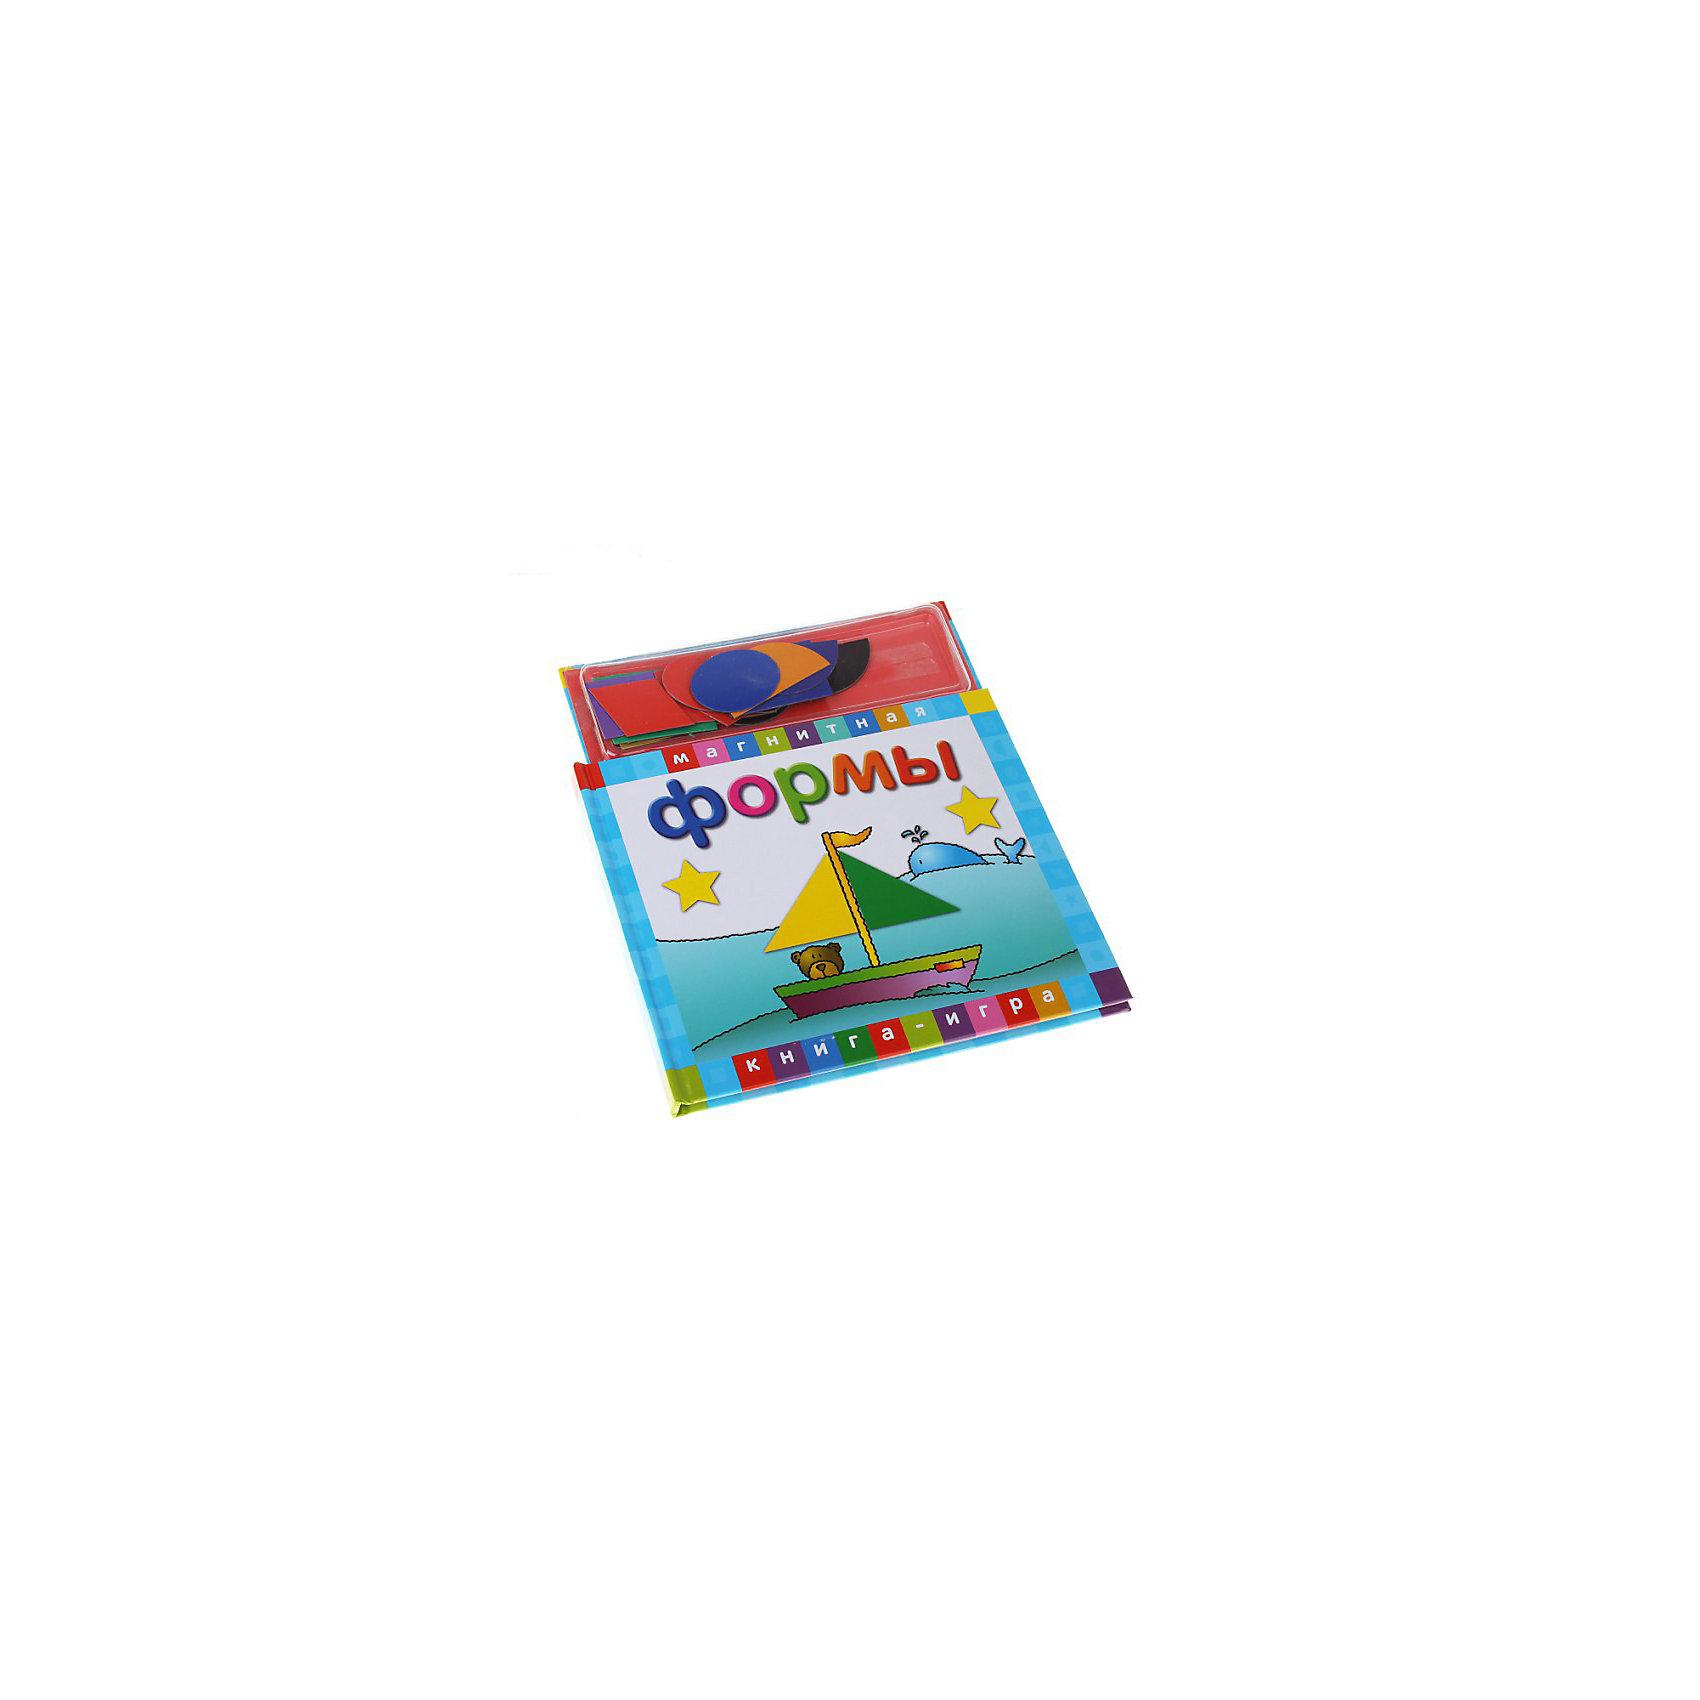 Магнитные книжки ФормыМагнитные книжки «Формы»<br>Этот набор также используют в качестве конструктора, поскольку из форм можно создавать различные картины.<br>Дополнительная информация:<br>В набор входит:<br>- Книга с магнитными страницами,<br>- магнитные картинки разных форм и цветов.<br>Размер упаковки (д/ш/в): 210 х 10 х 240 мм<br><br>Ширина мм: 210<br>Глубина мм: 10<br>Высота мм: 240<br>Вес г: 500<br>Возраст от месяцев: 36<br>Возраст до месяцев: 72<br>Пол: Унисекс<br>Возраст: Детский<br>SKU: 2358187